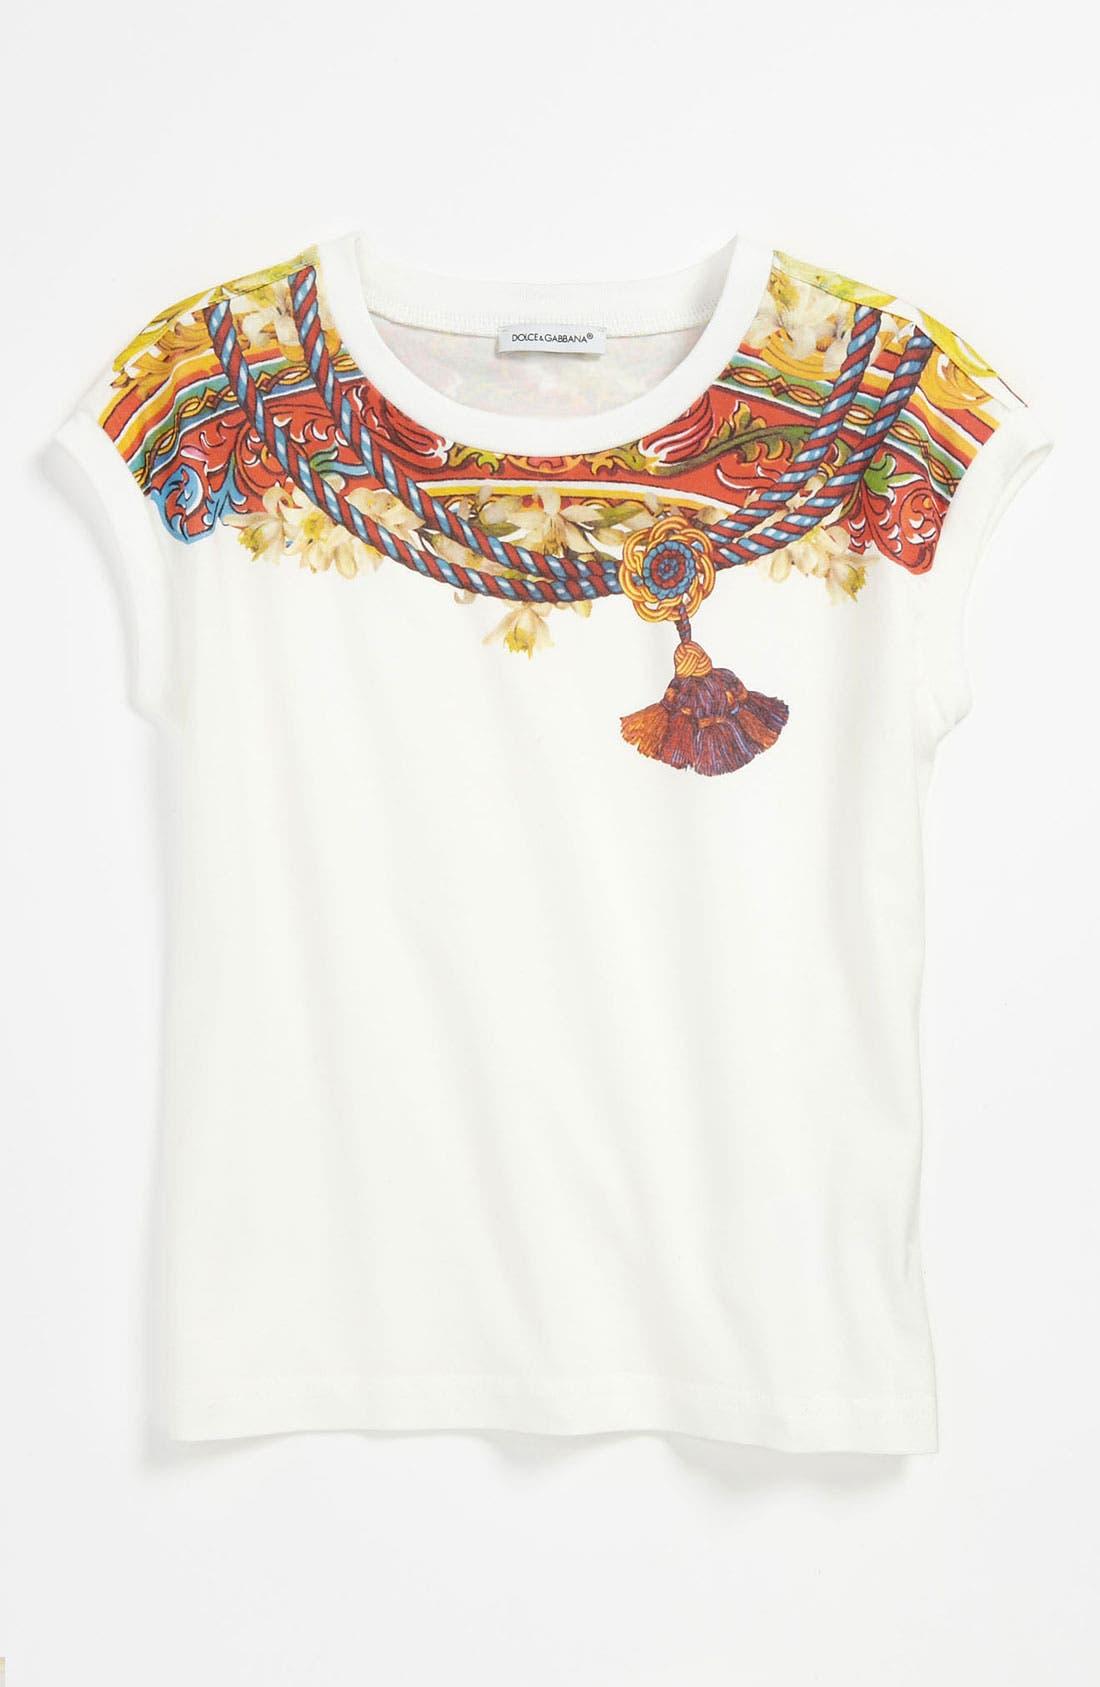 Main Image - Dolce&Gabbana 'Sicilia' Jersey Tee (Little Girls & Big Girls)